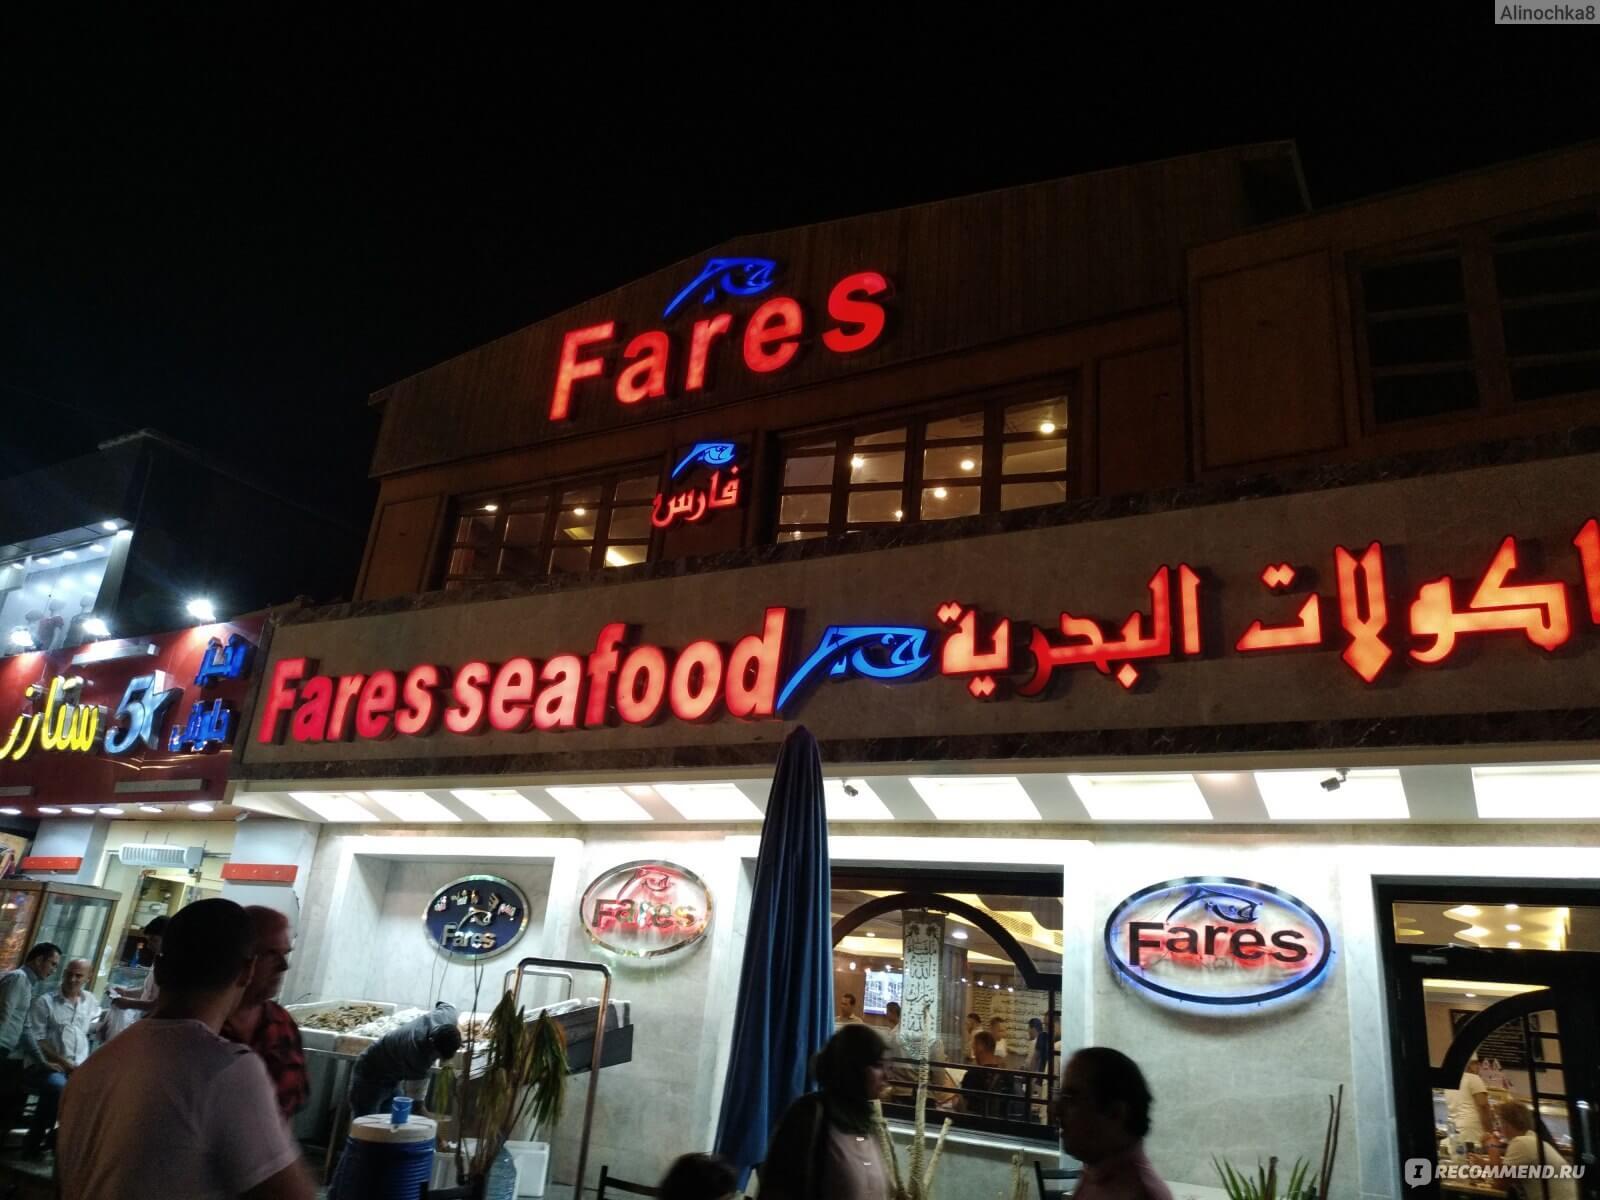 Рыбный ресторан Fares в Египте